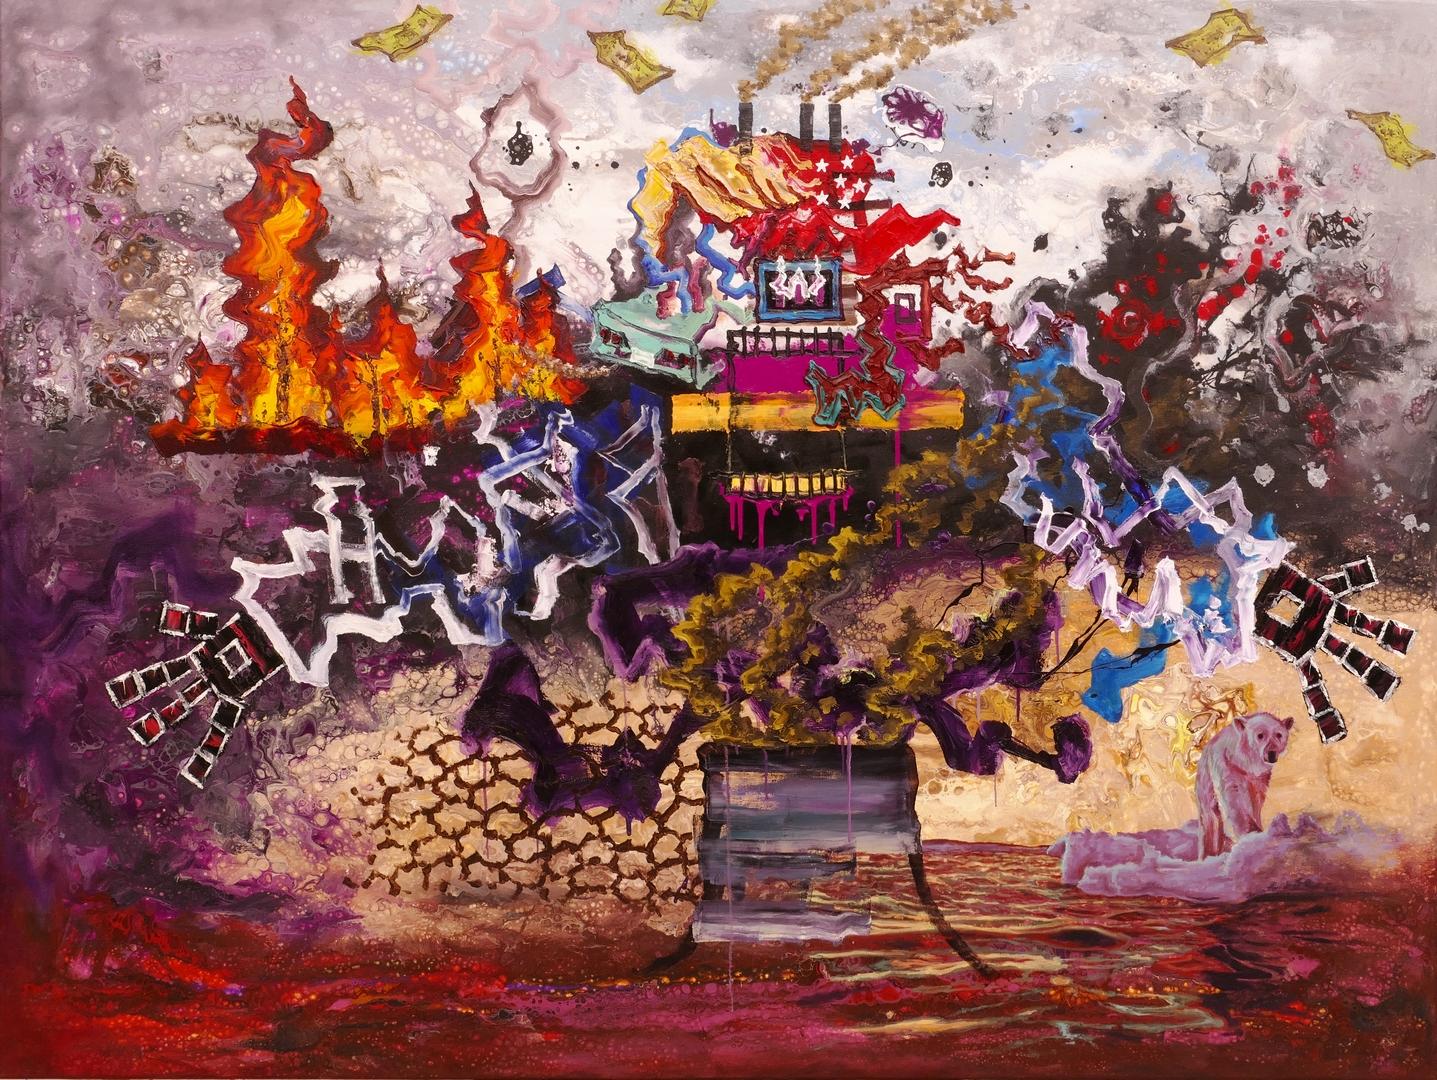 B, Der rote Planet, 120x160cm, Öl, Acryl auf Leinwand, 2020